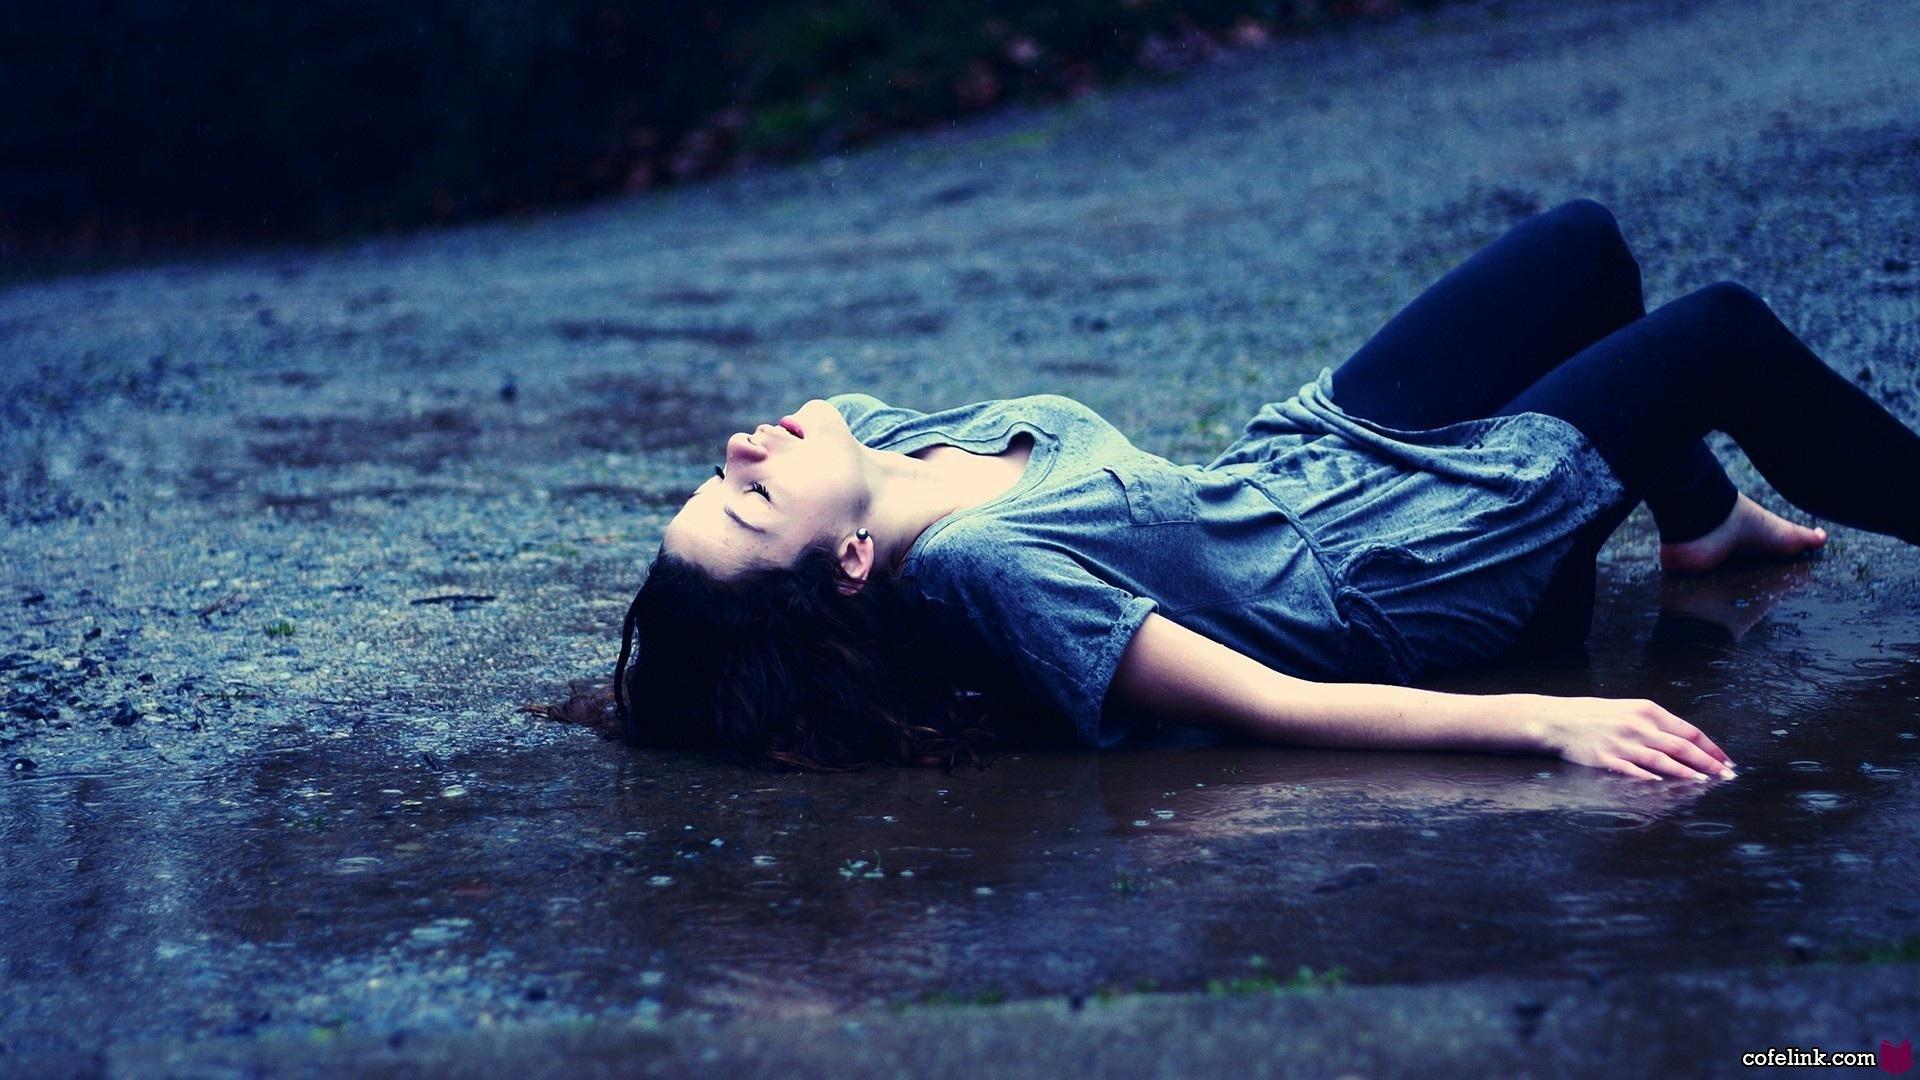 راهکارهایی برای فراموش کردن شکست عشقی